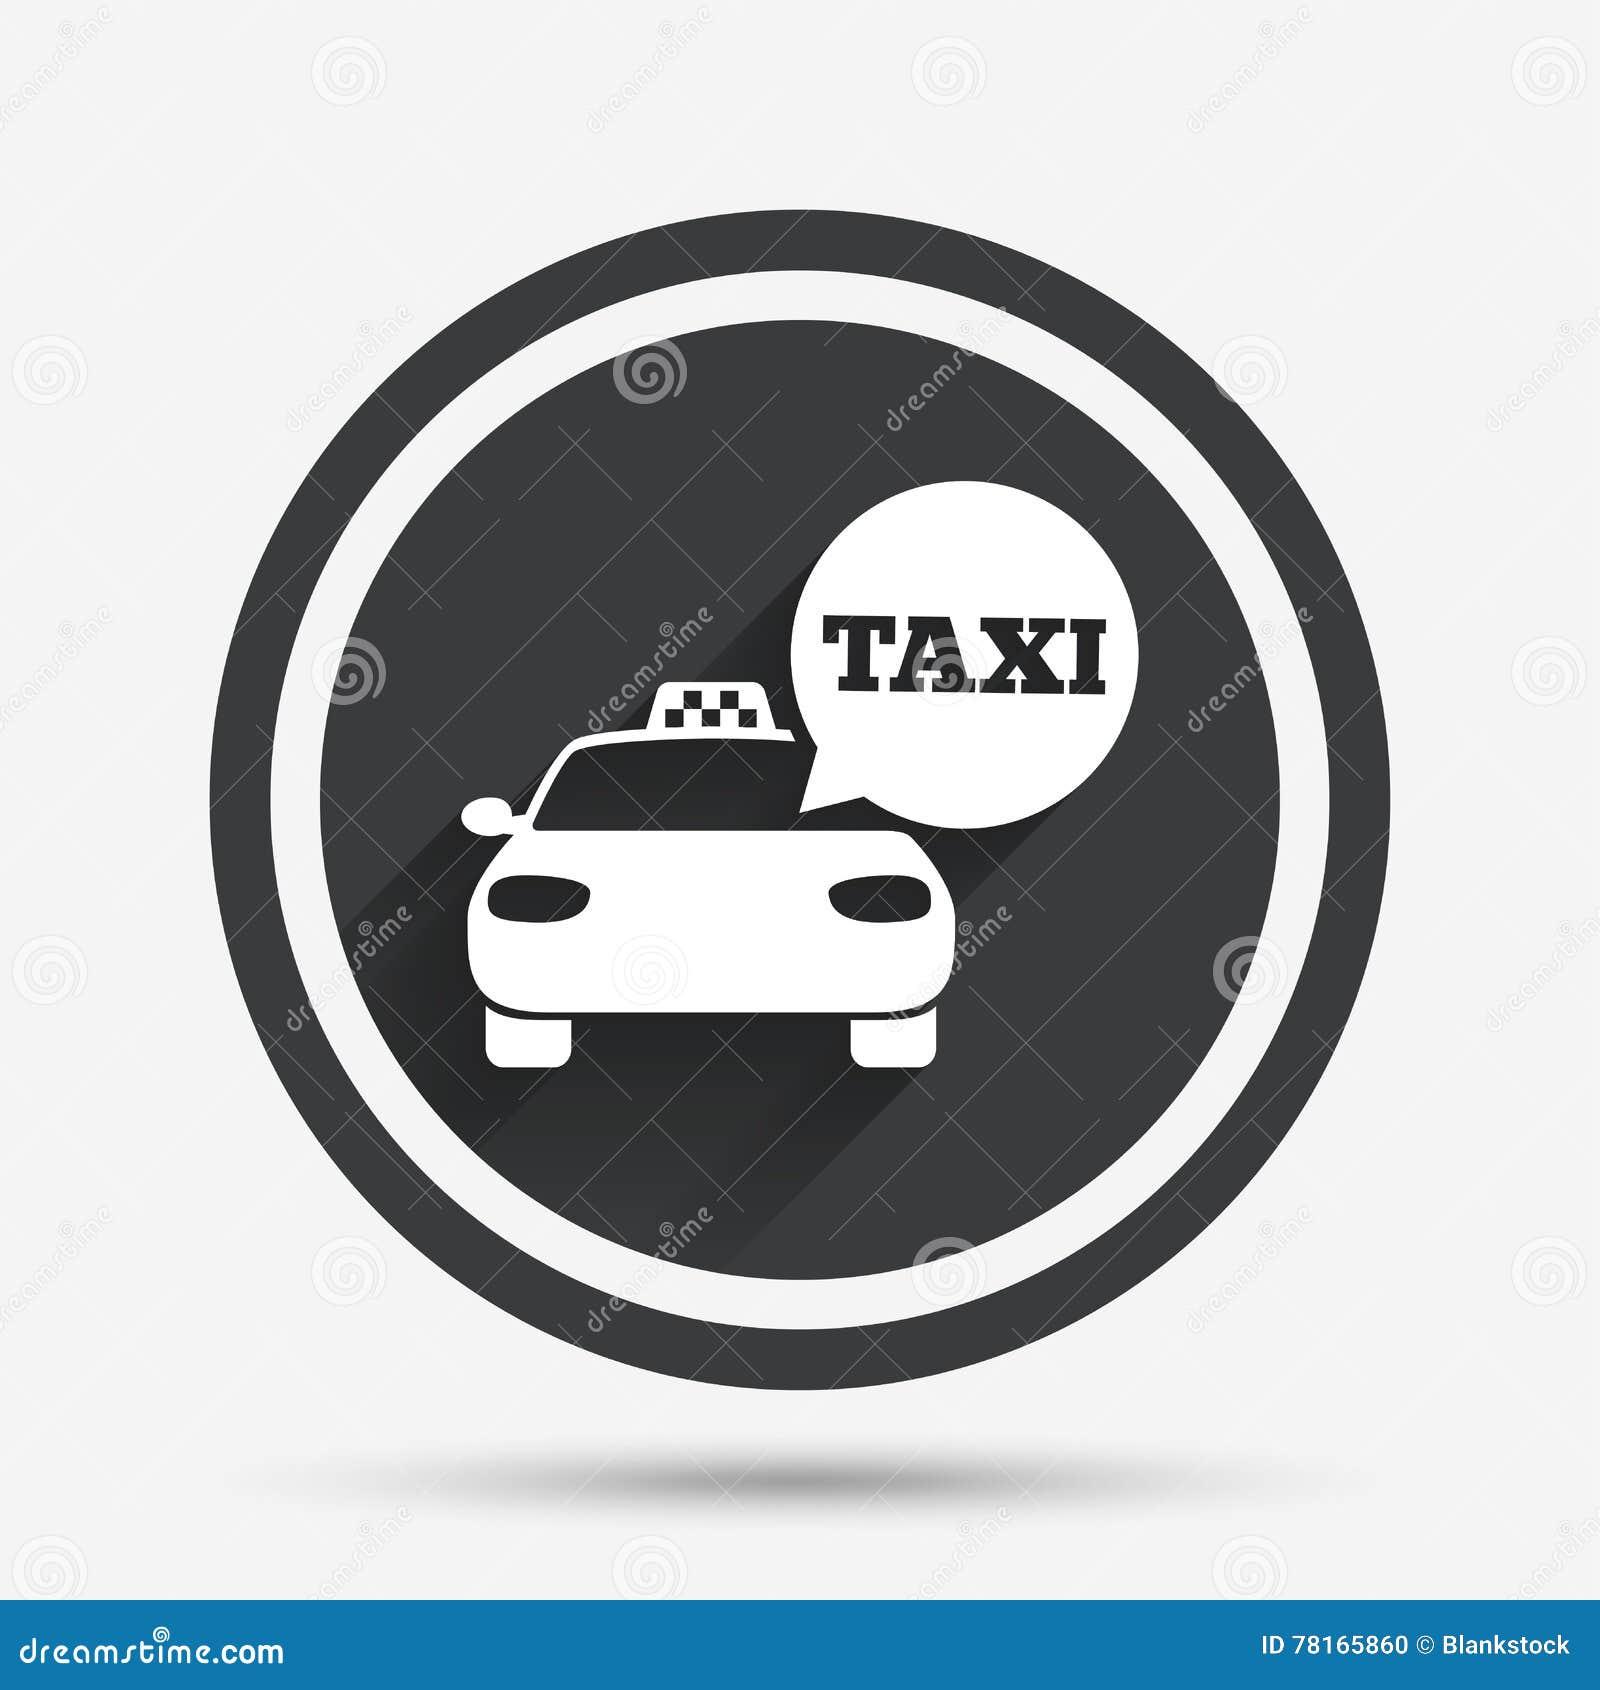 Знак Такси Является Ли Знаком Общественного Транспорта